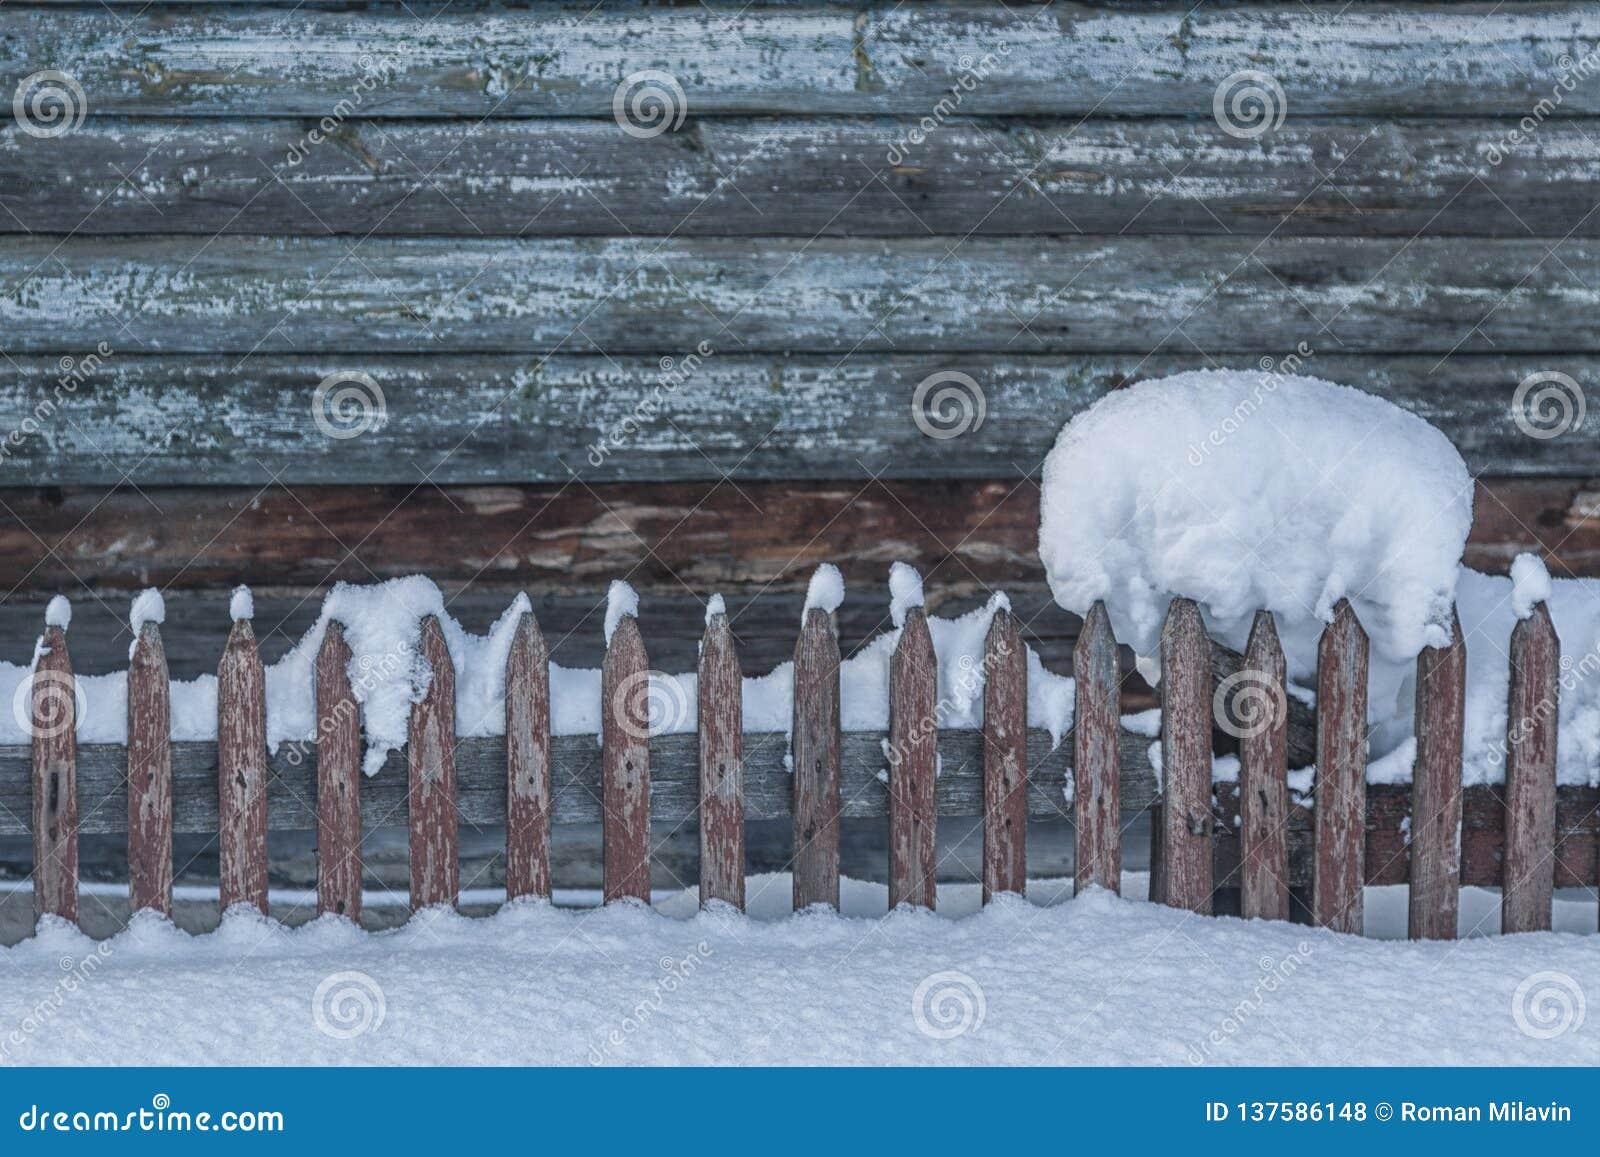 Grupo hermoso de nieve en una cerca de madera con un contexto nevoso Hay una palizada de madera hermosa a continuación Navidad